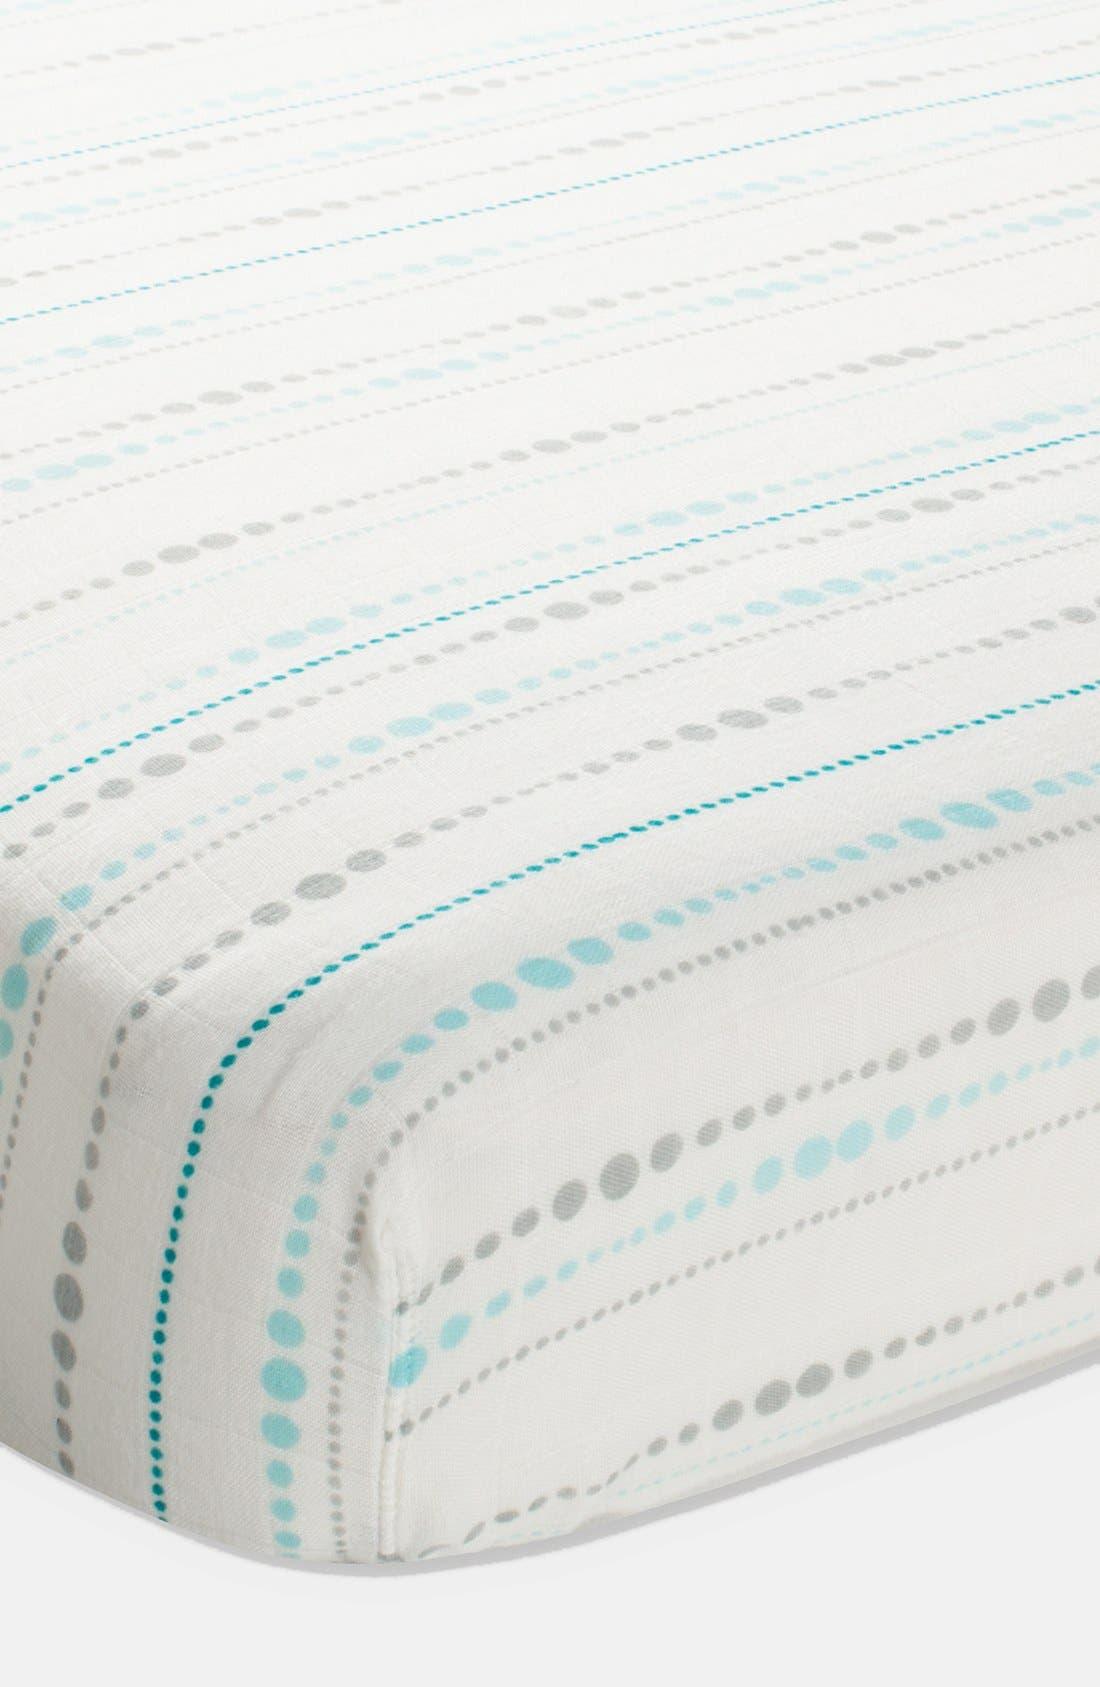 Alternate Image 1 Selected - aden + anais Crib Sheet